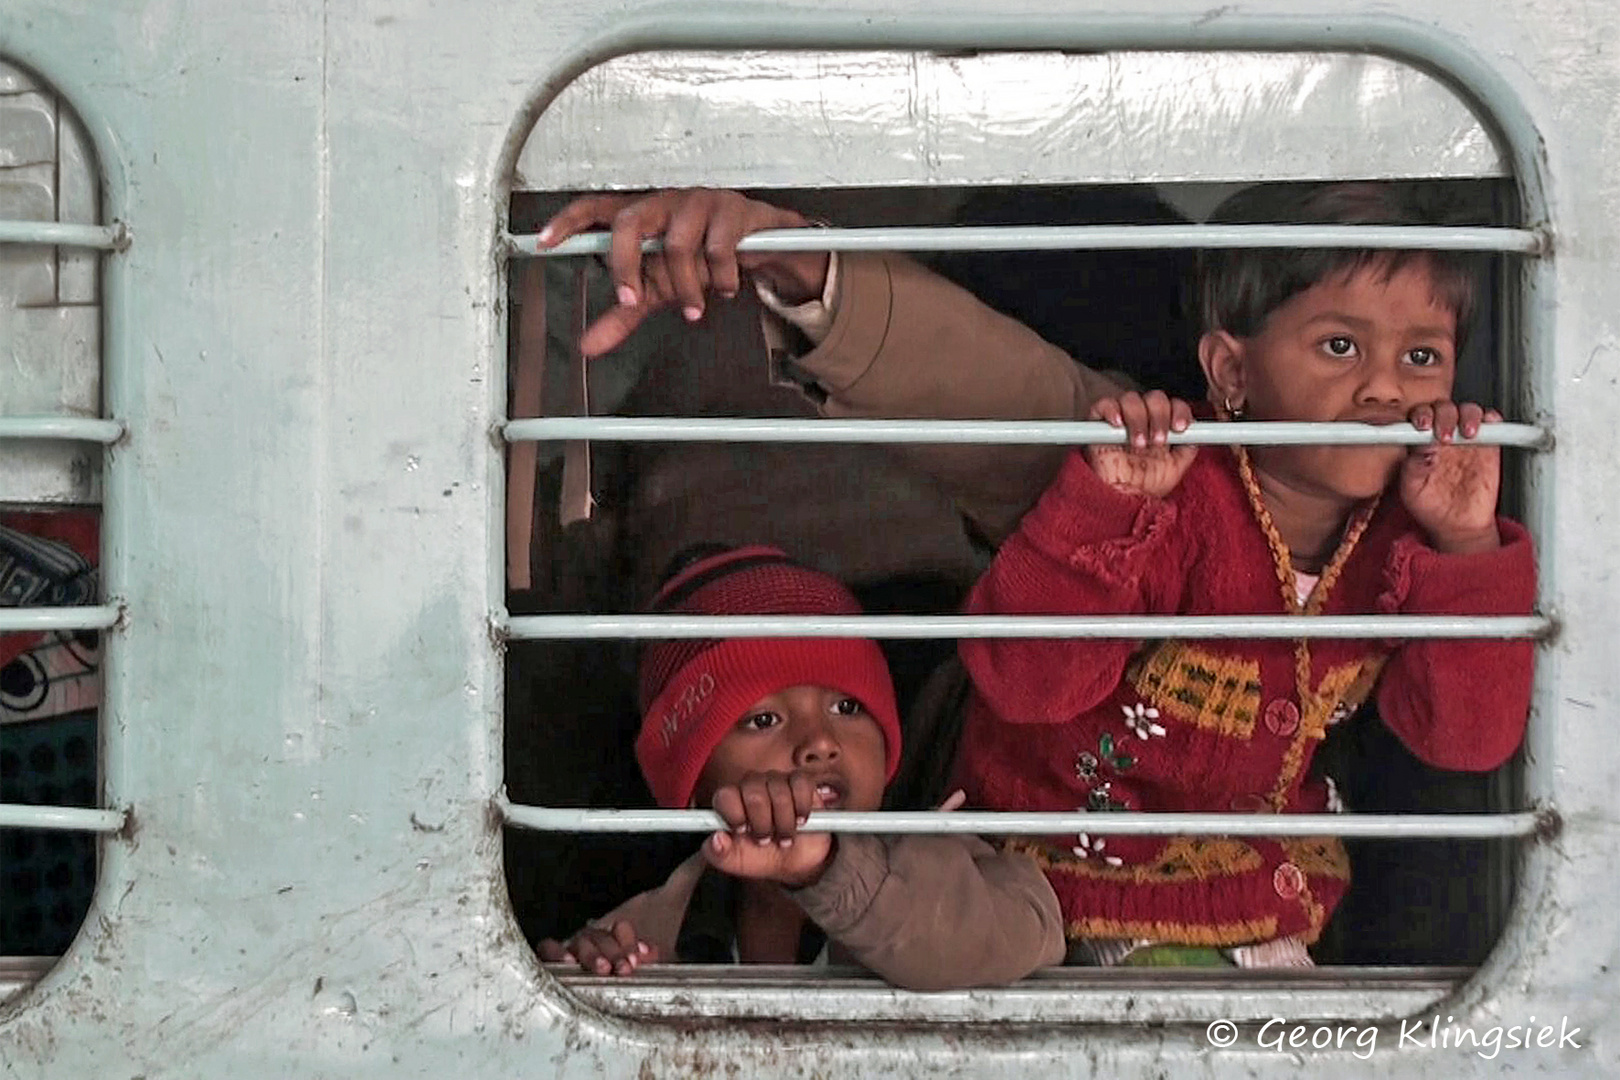 Nein, nichts Schlimmes, sie sitzen in der Eisenbahn